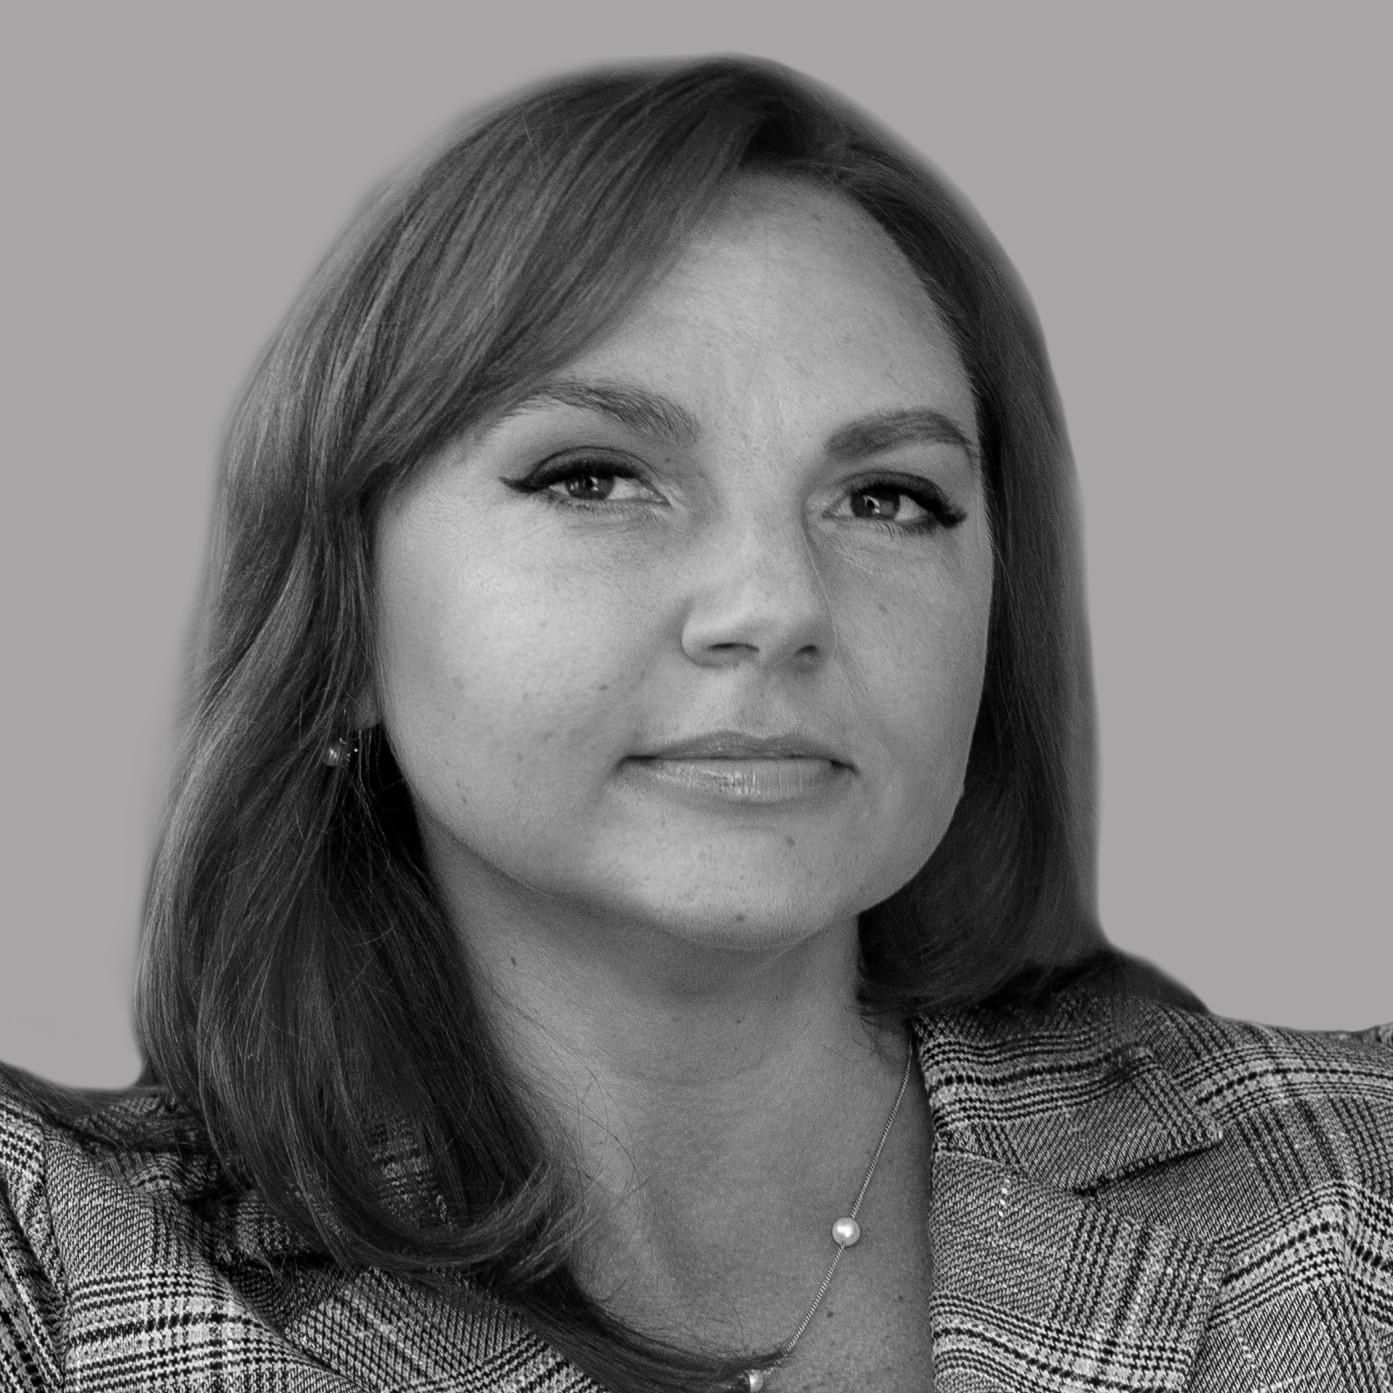 Irina Gorbovskaya